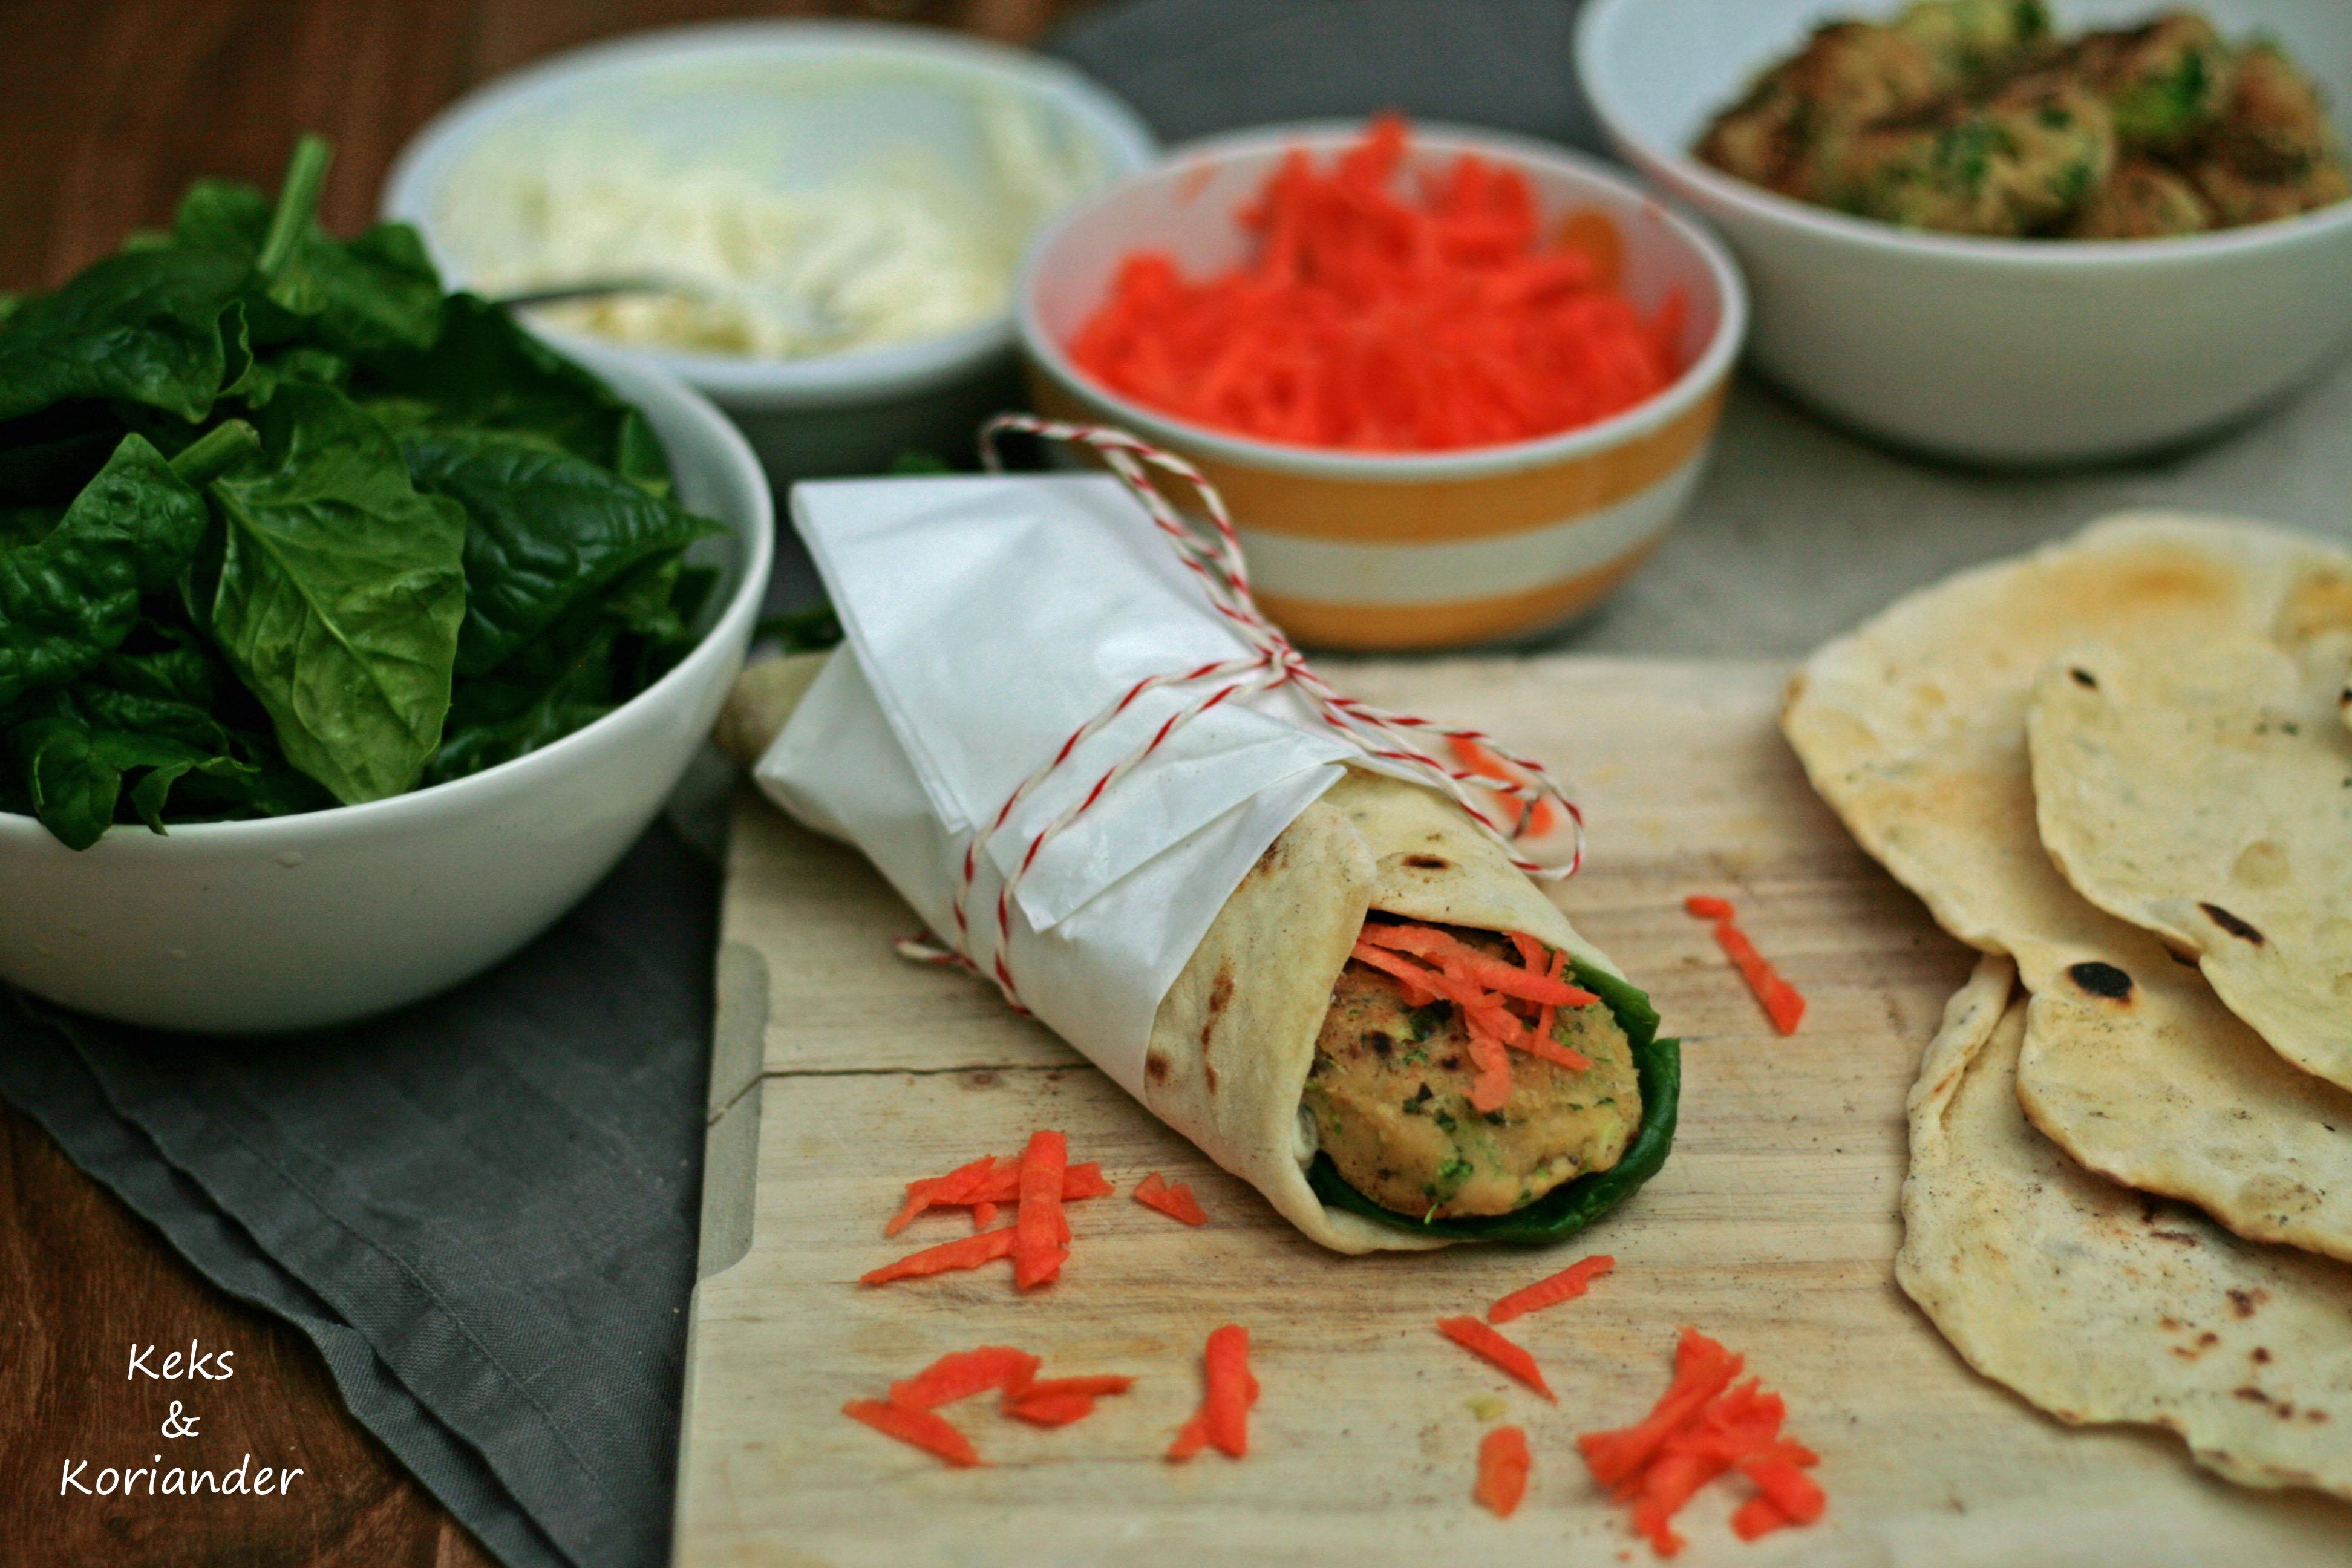 Wraps mit Falafel, Spinat, Karotte, zum Mitnehmen, take away